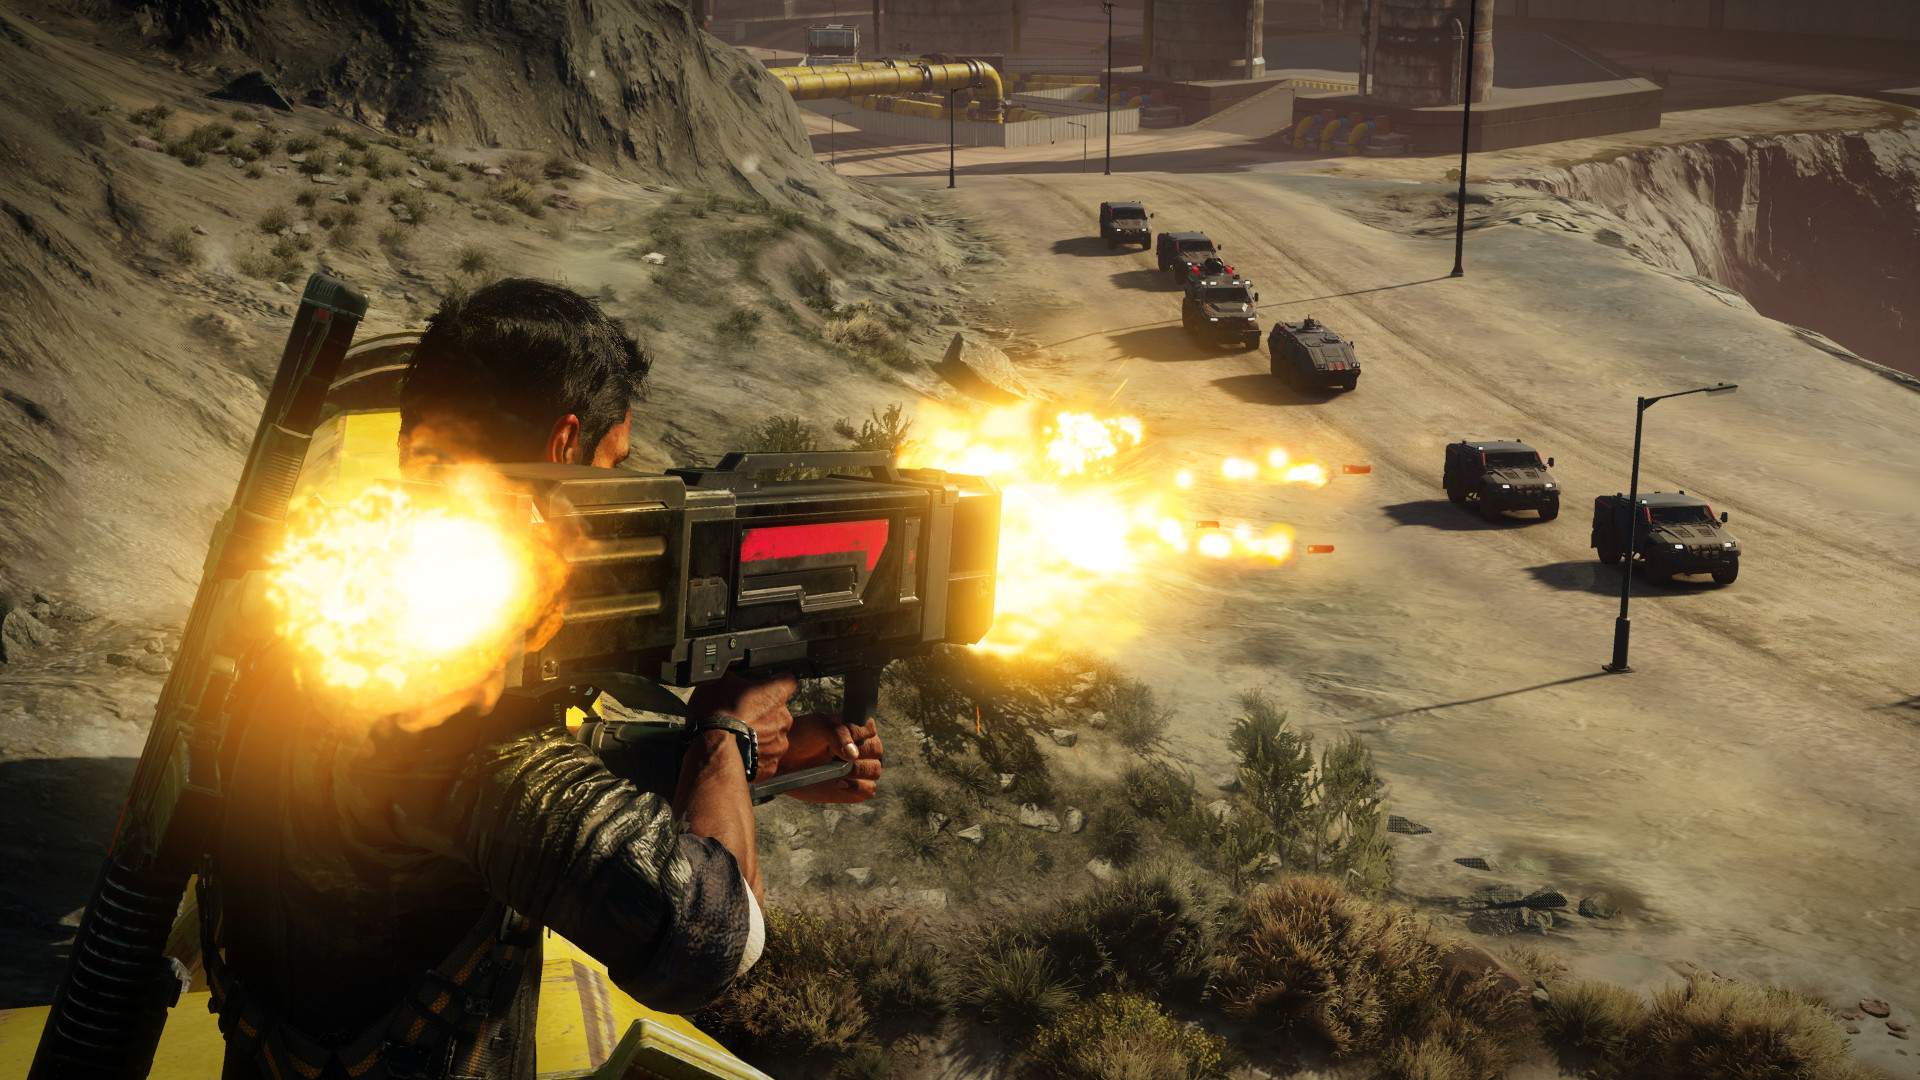 Обзор Just Cause 4 — самый крутой торнадо в видеоиграх